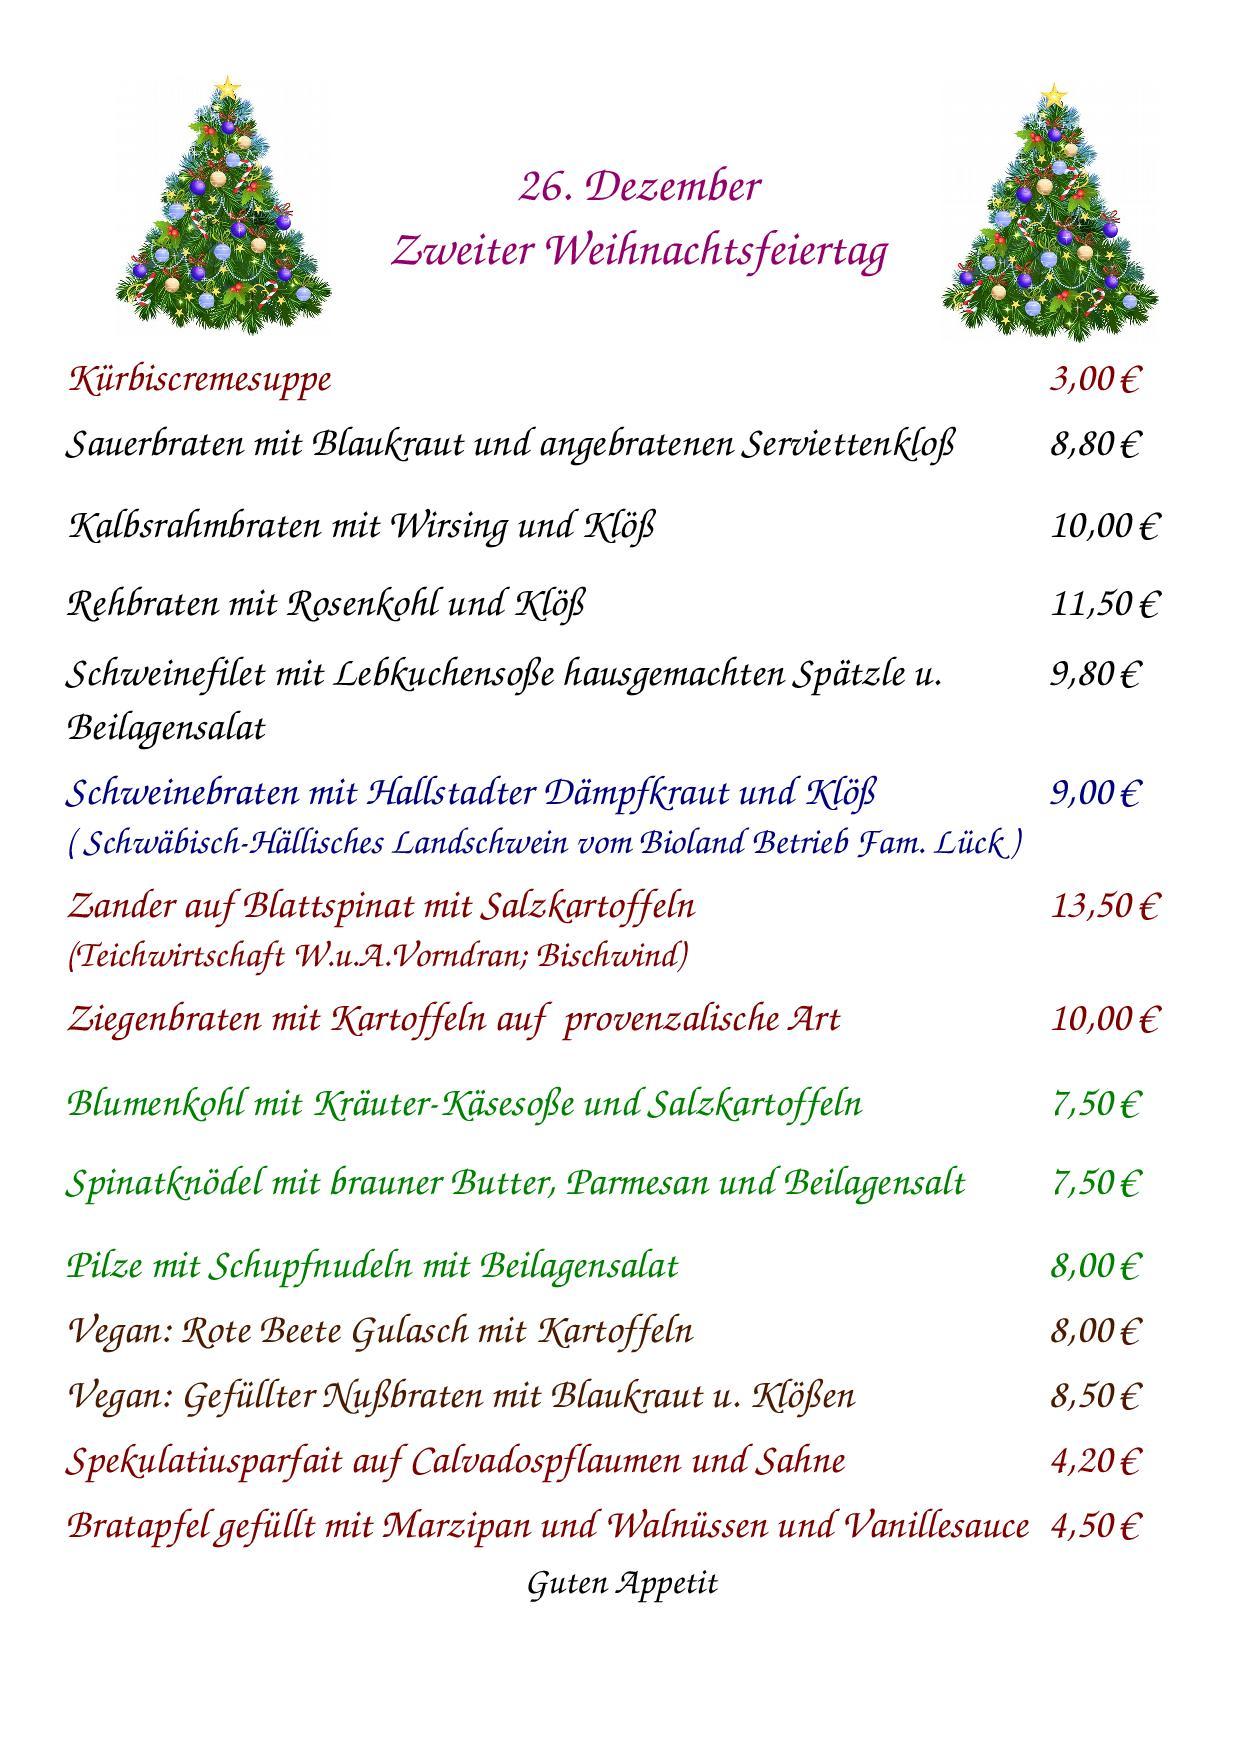 Speisekarte 2. Weihnachtsfeiertag